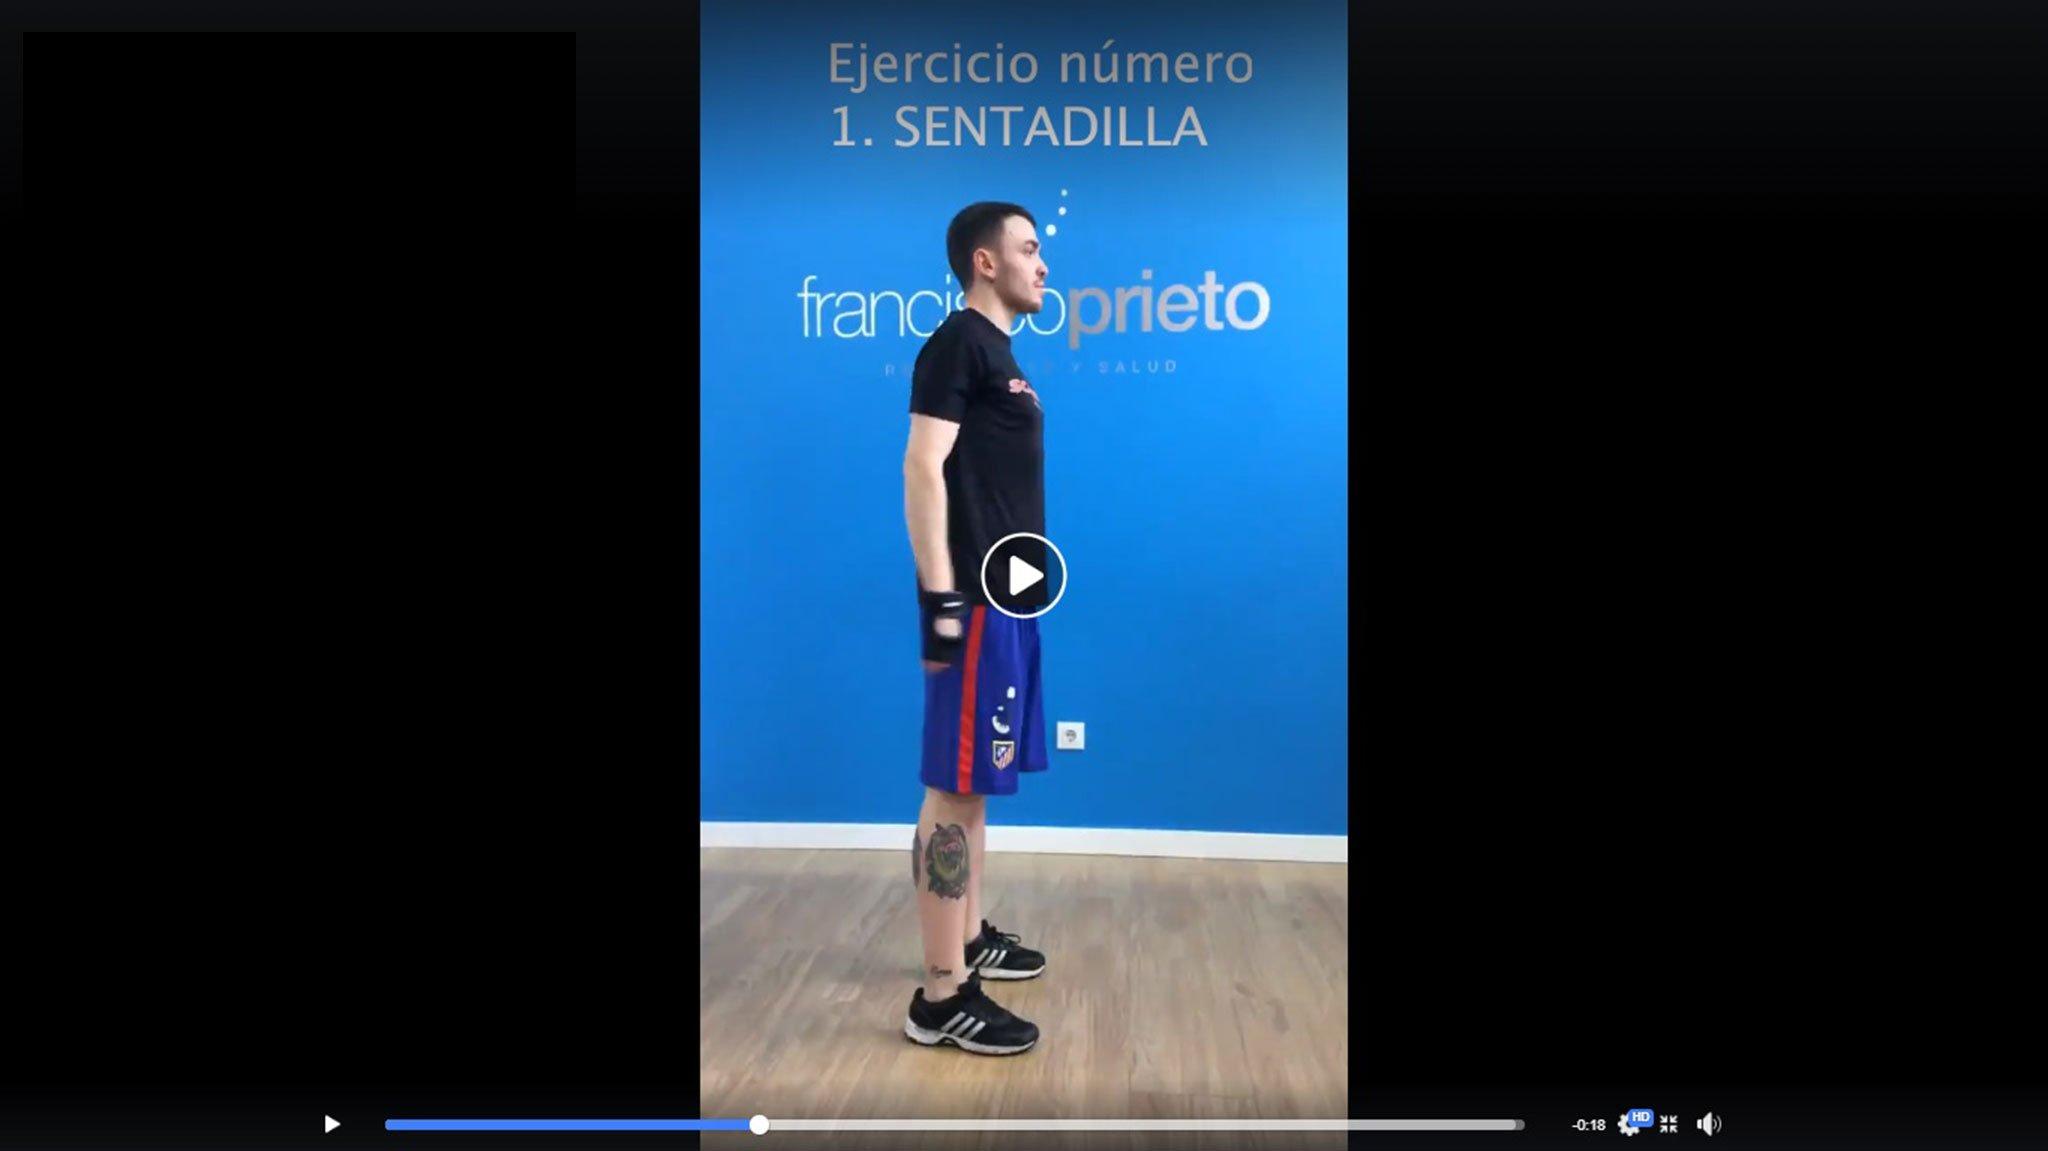 Francisco Prieto Studio vous aide en suspendant les séances d'entraînement pour prendre soin de vous pendant la quarantaine